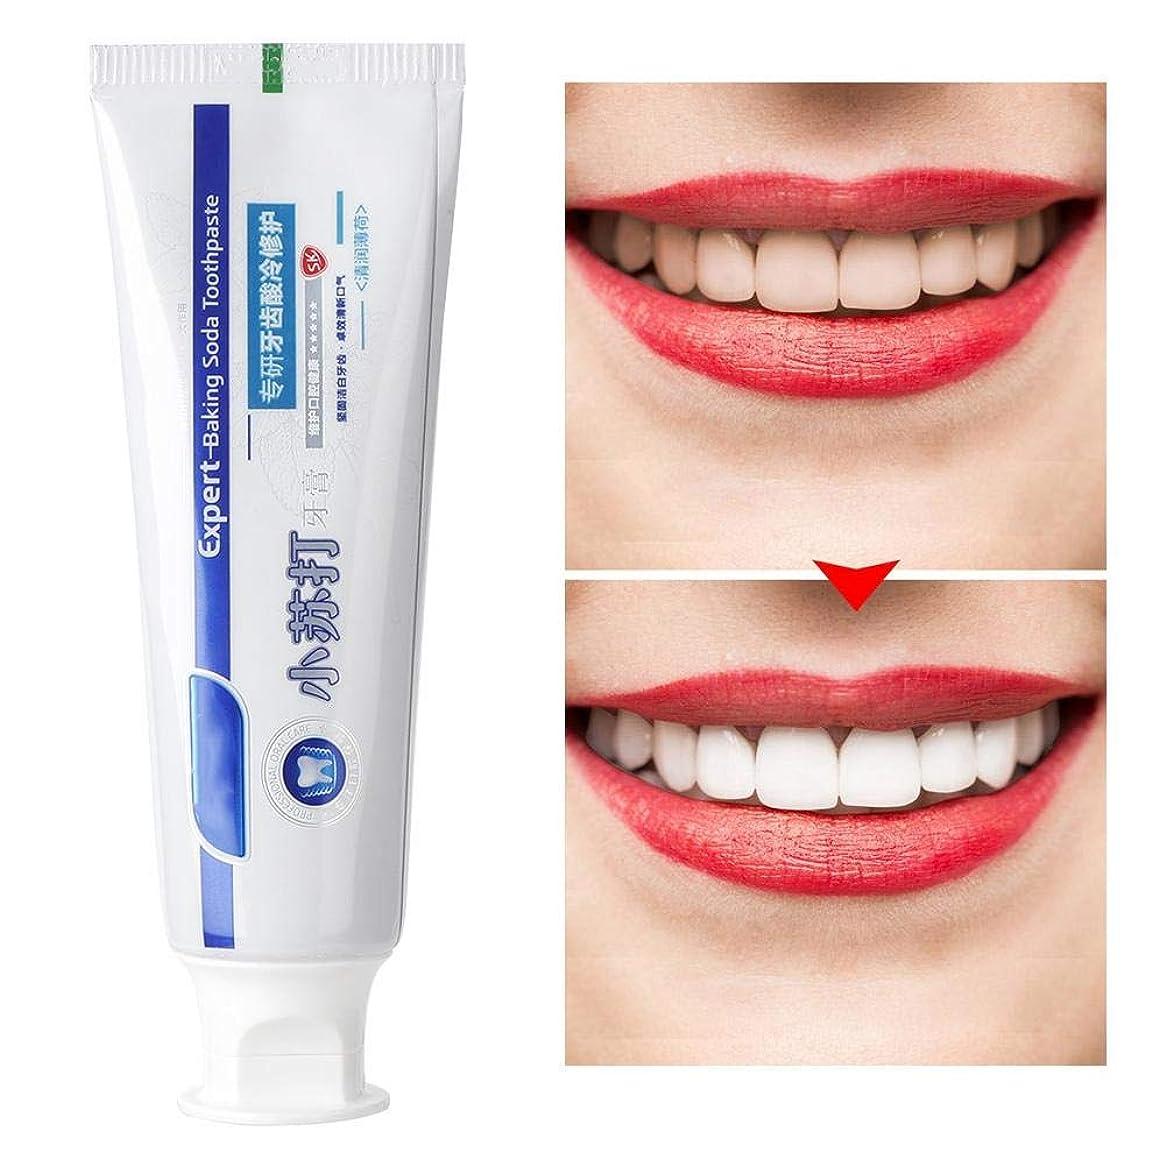 長さ歯痛負荷歯磨き粉、さわやかなミントを白くする重曹の歯磨き粉歯磨き粉オーラルケアツール100g(クリアミント)